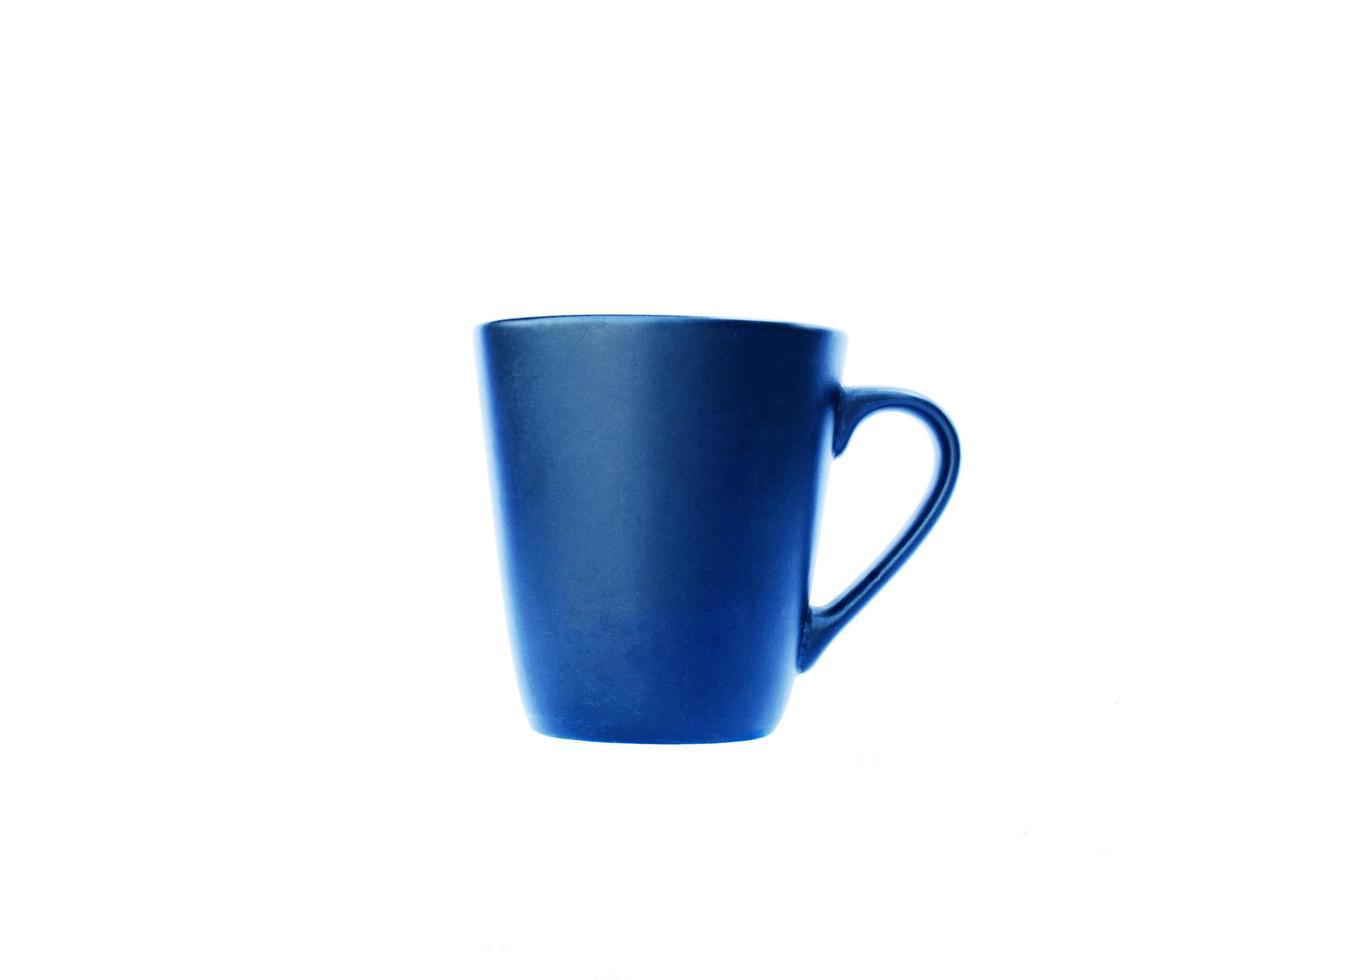 blauwe kopjes geïsoleerd op een witte achtergrond bevatten uitknippad foto